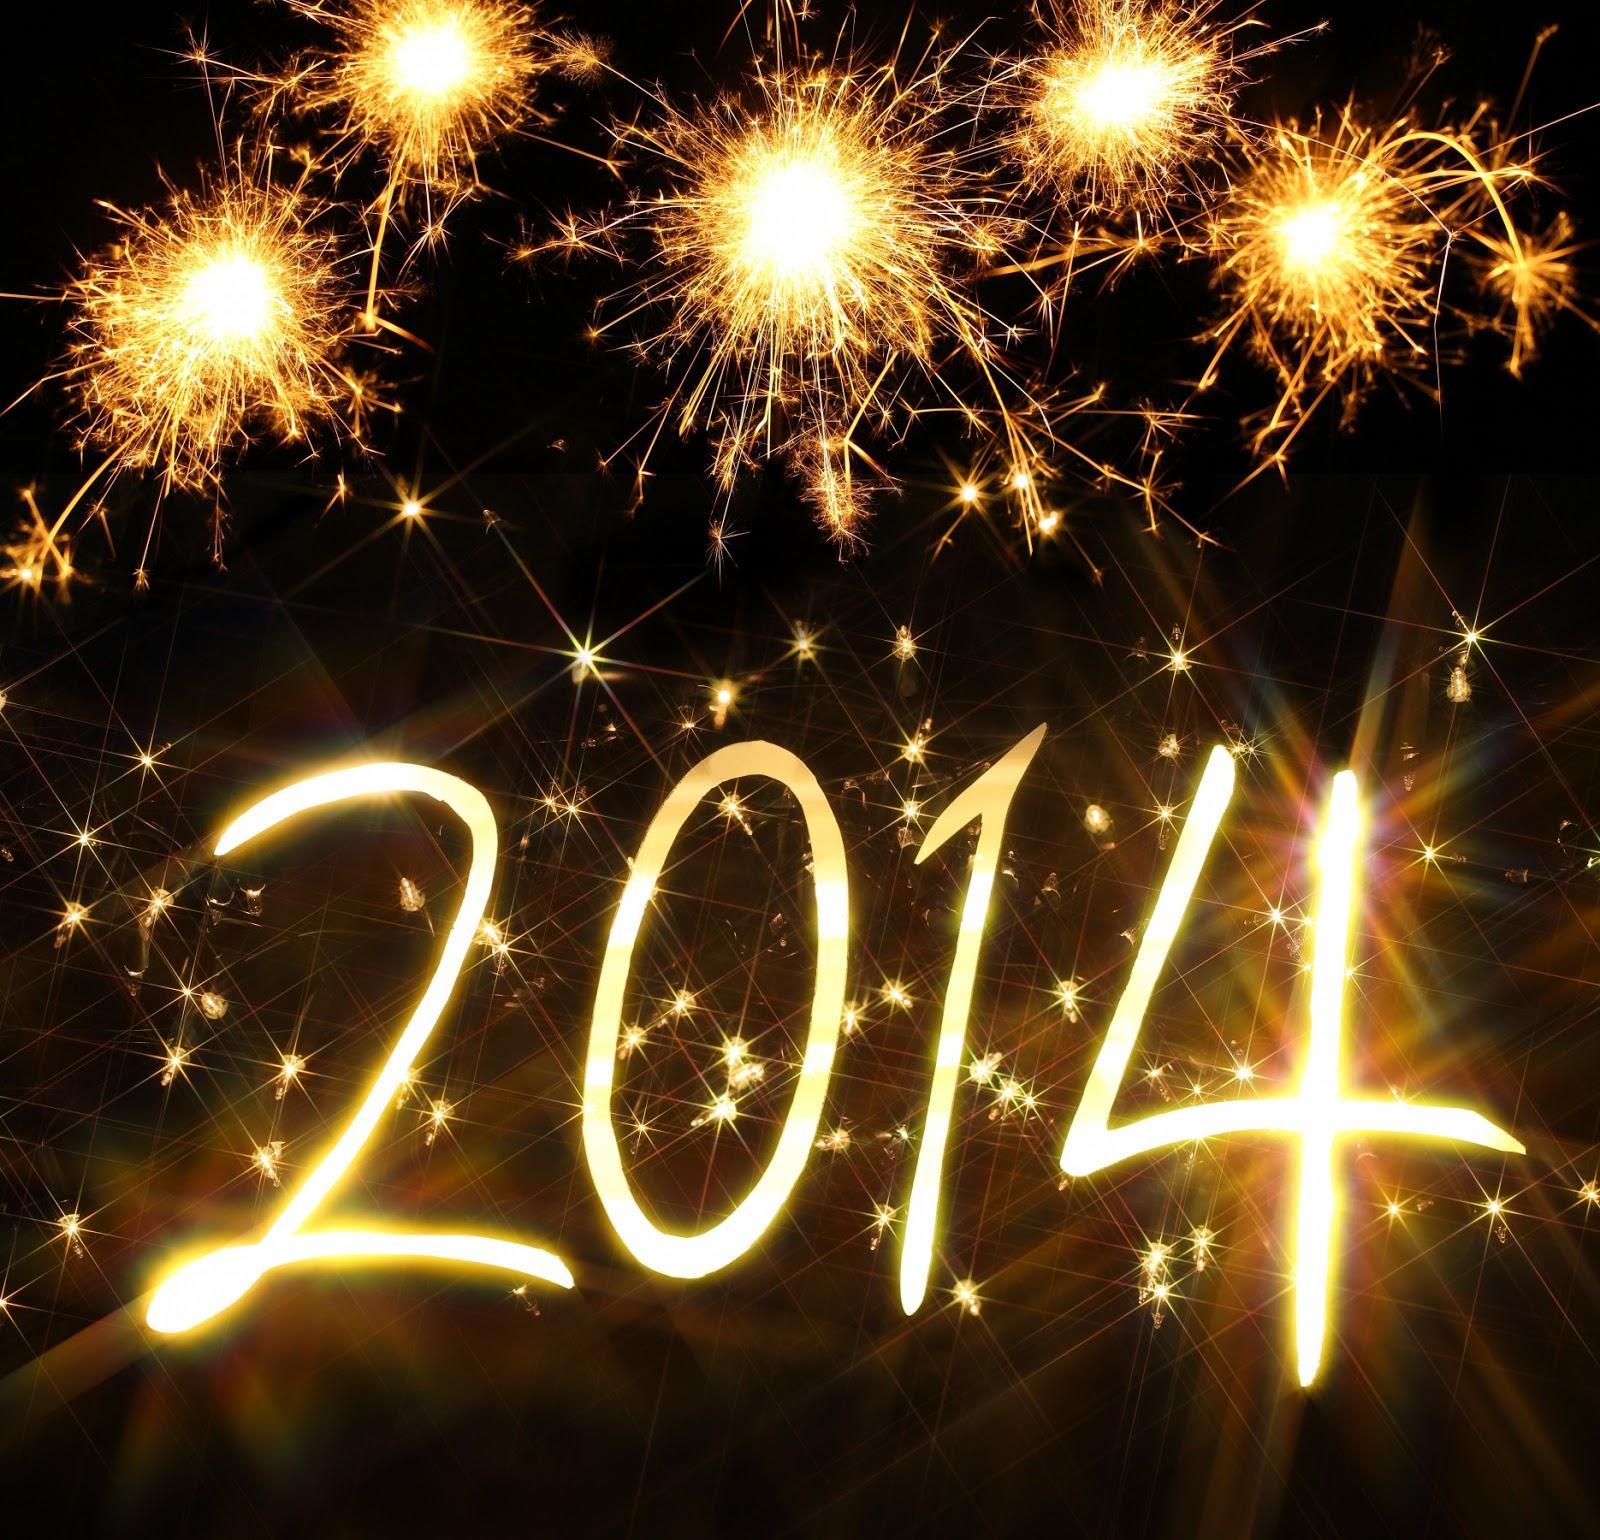 tako happy new year 2014